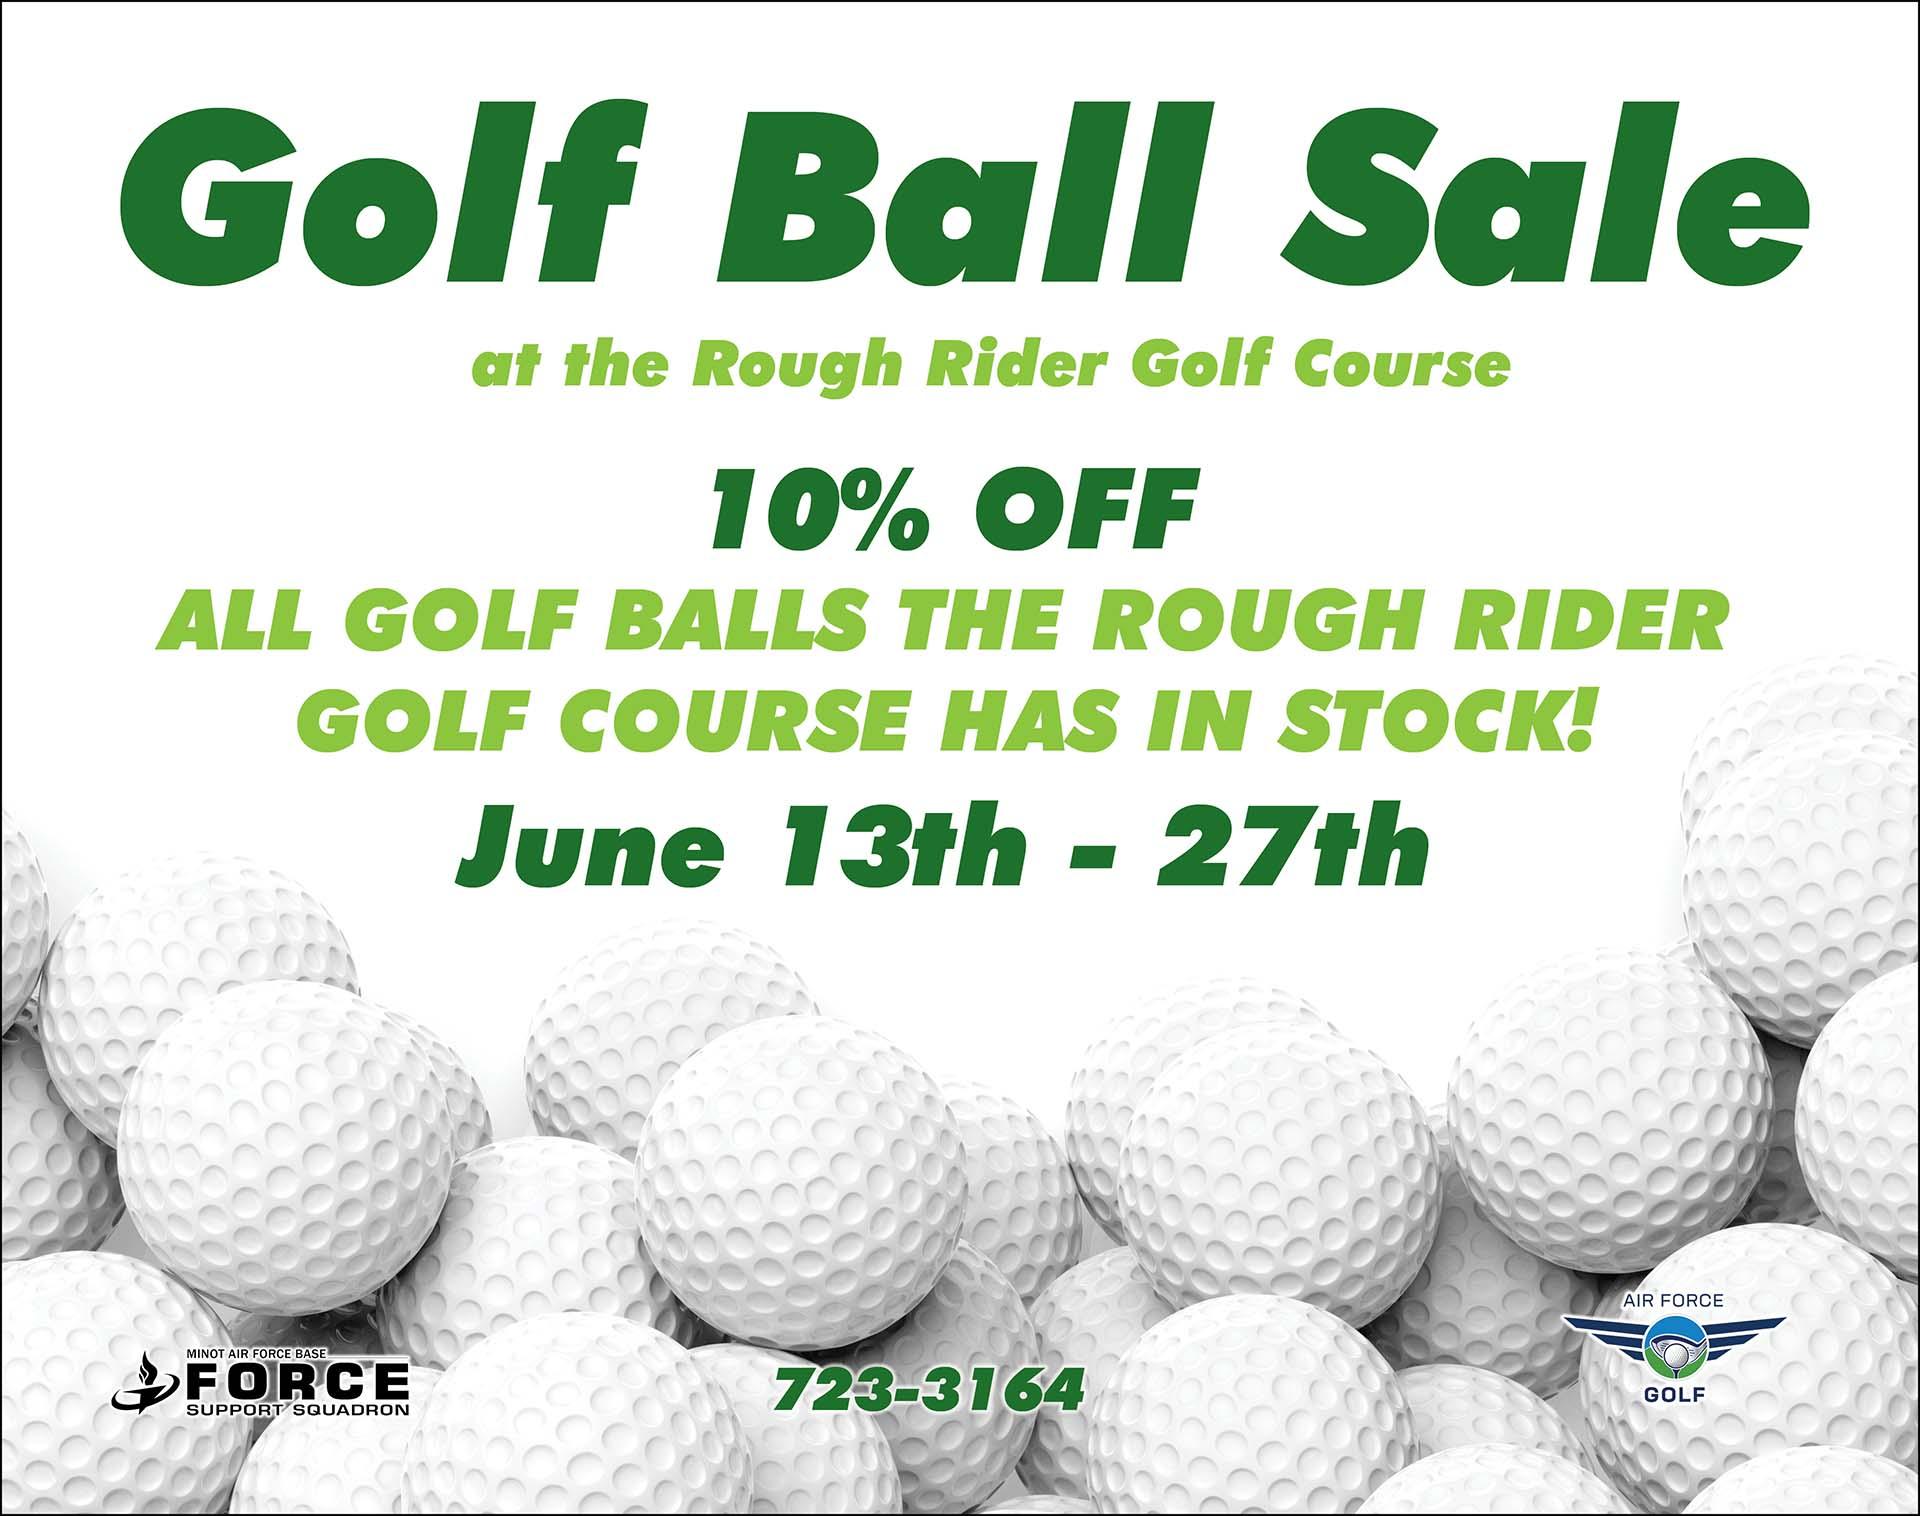 Golf Ball Sale Ends